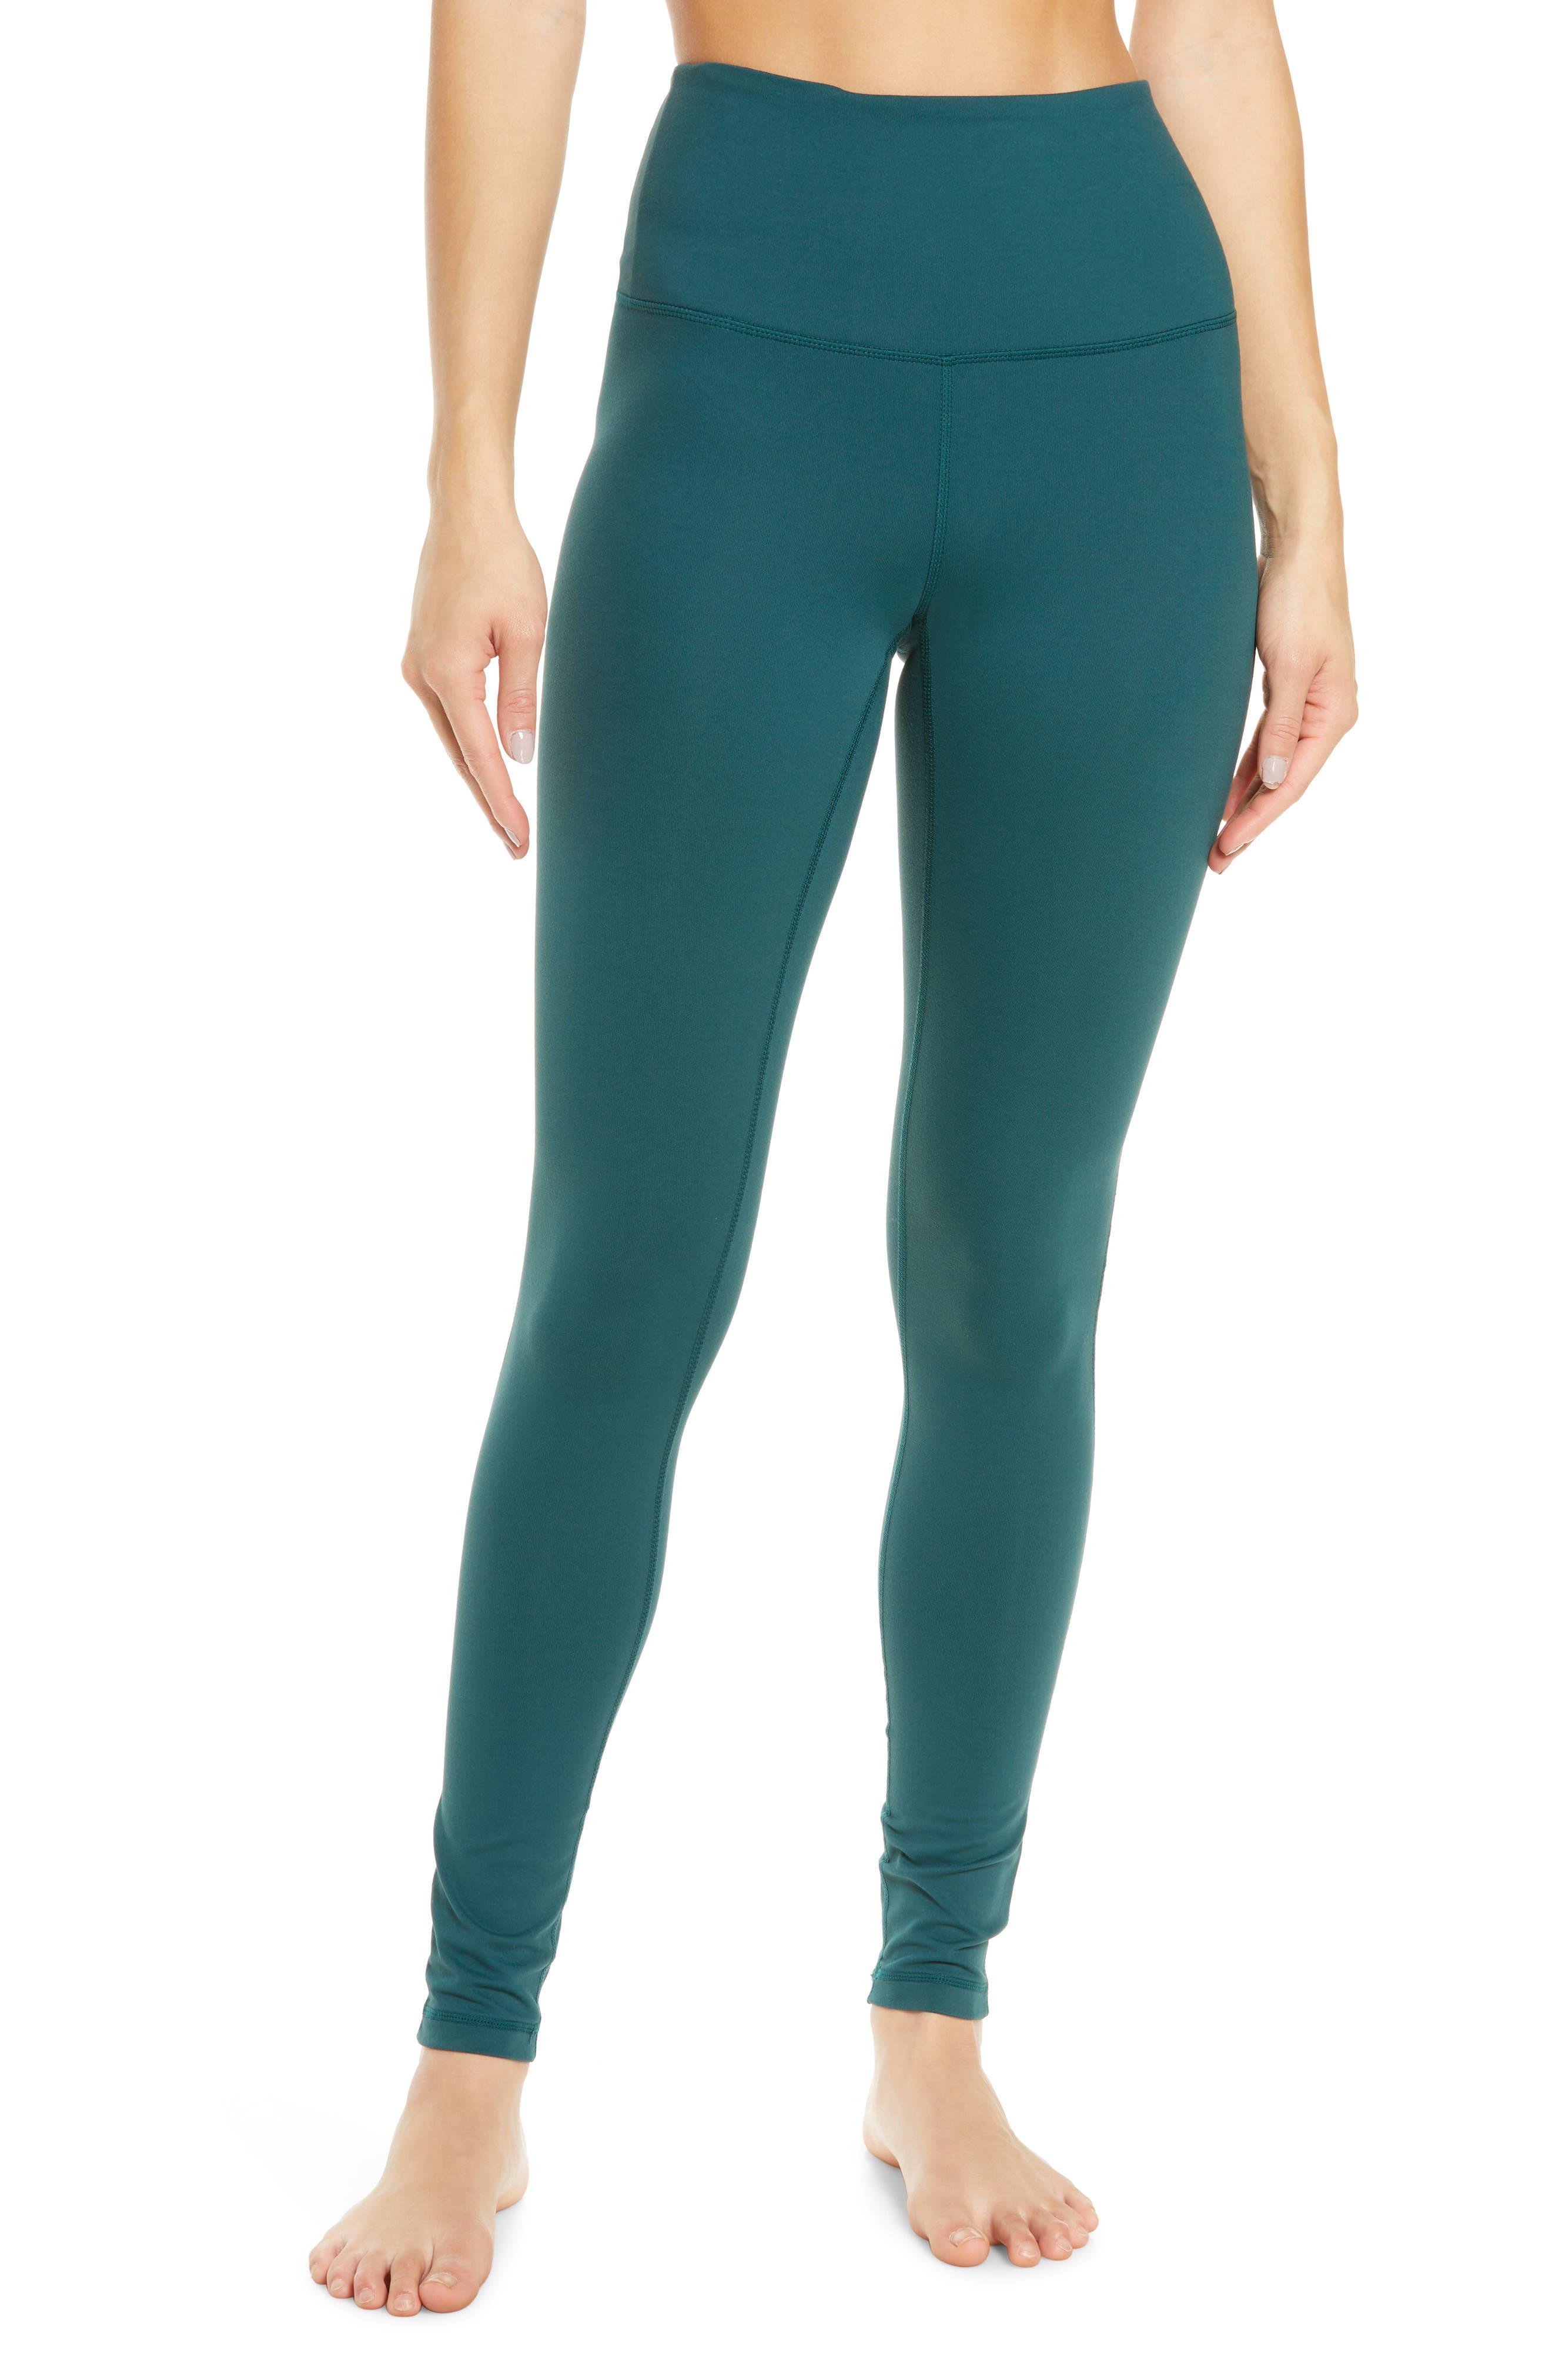 NEW Style ELASTANECotton mix SIZE 14 High waisted leggings